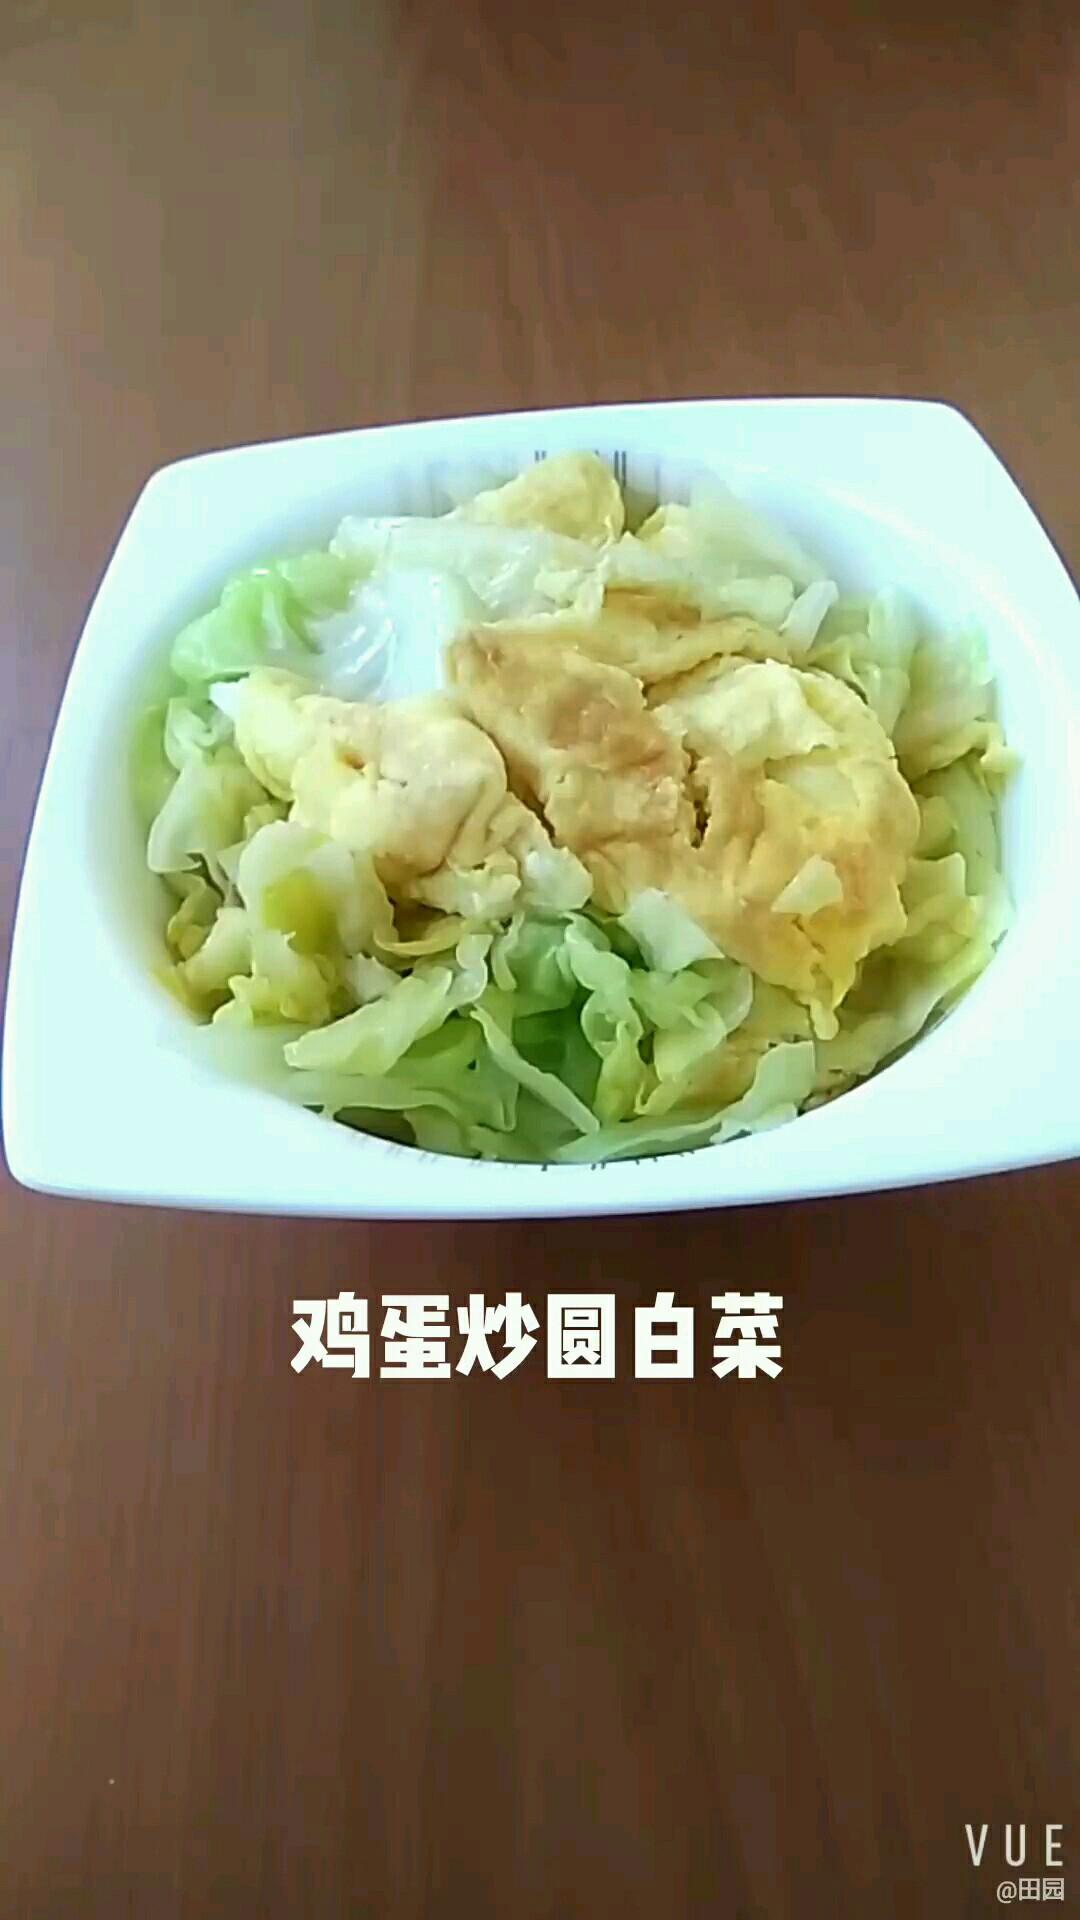 鸡蛋炒圆白菜